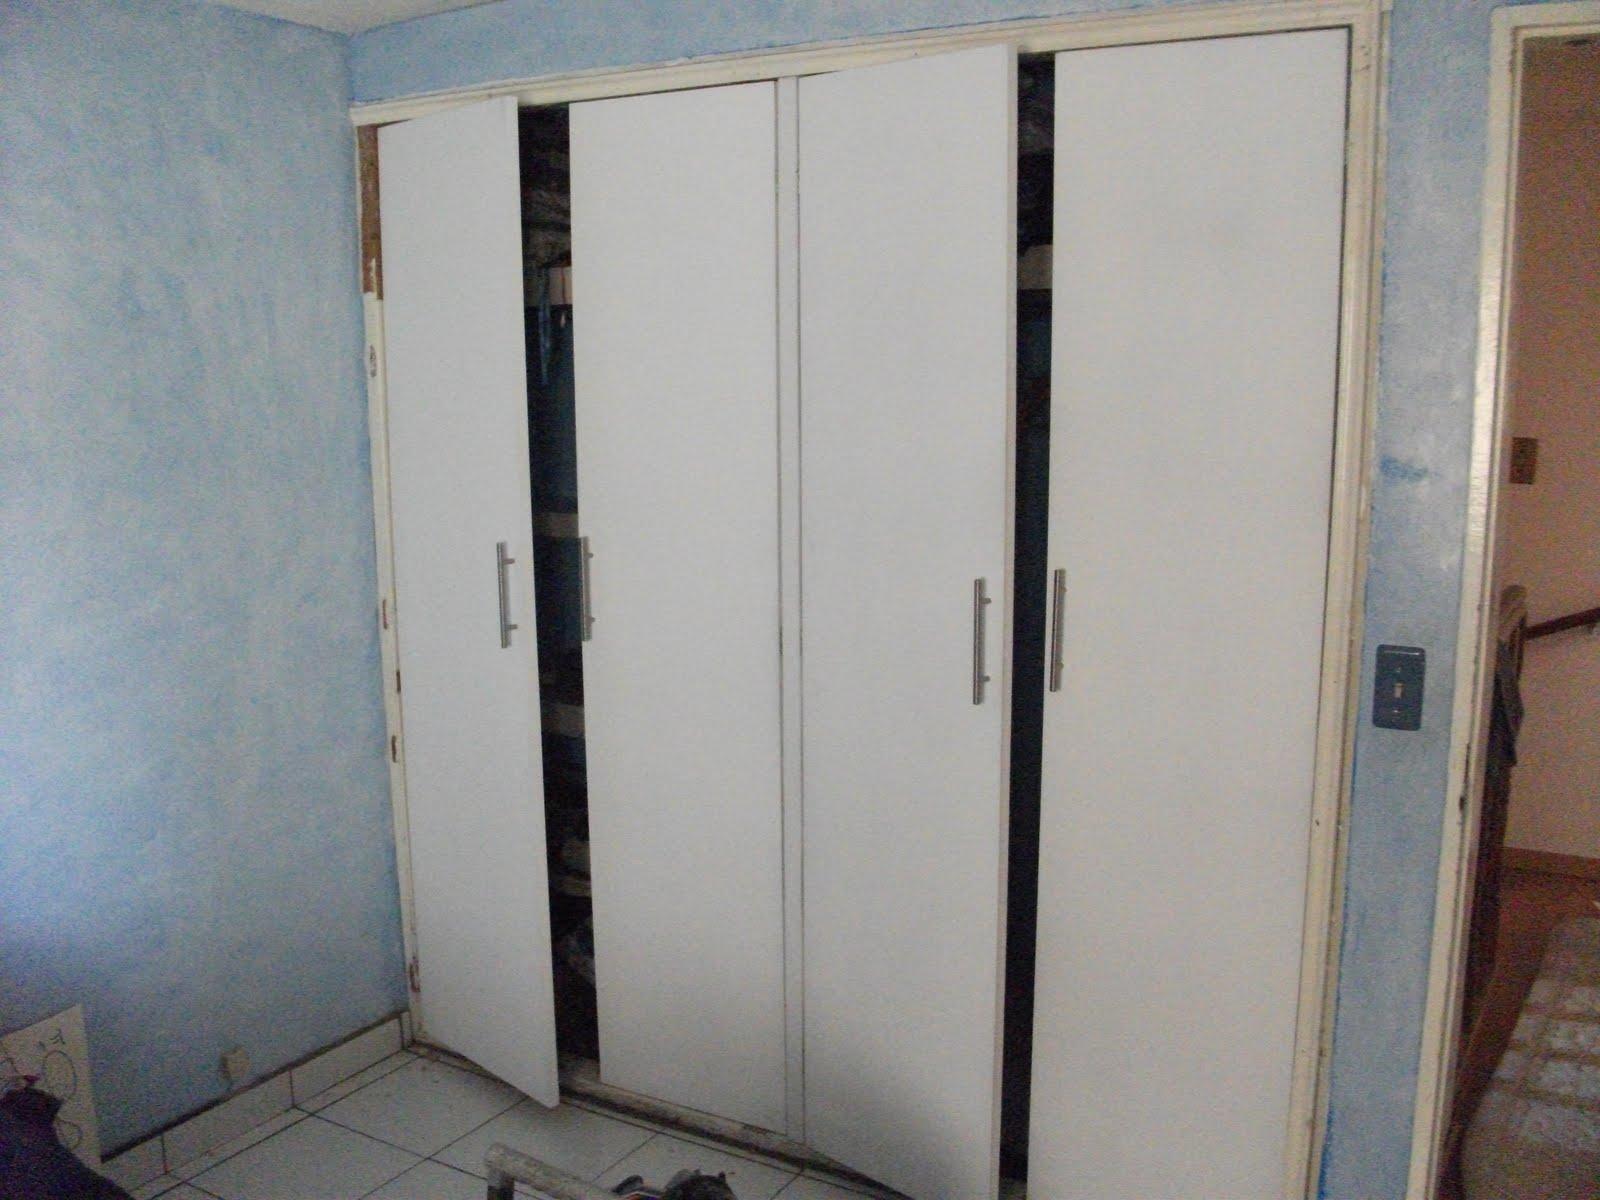 Rejas modernas para ventanas entarios fotos ajilbab com - Rejas para puertas ...